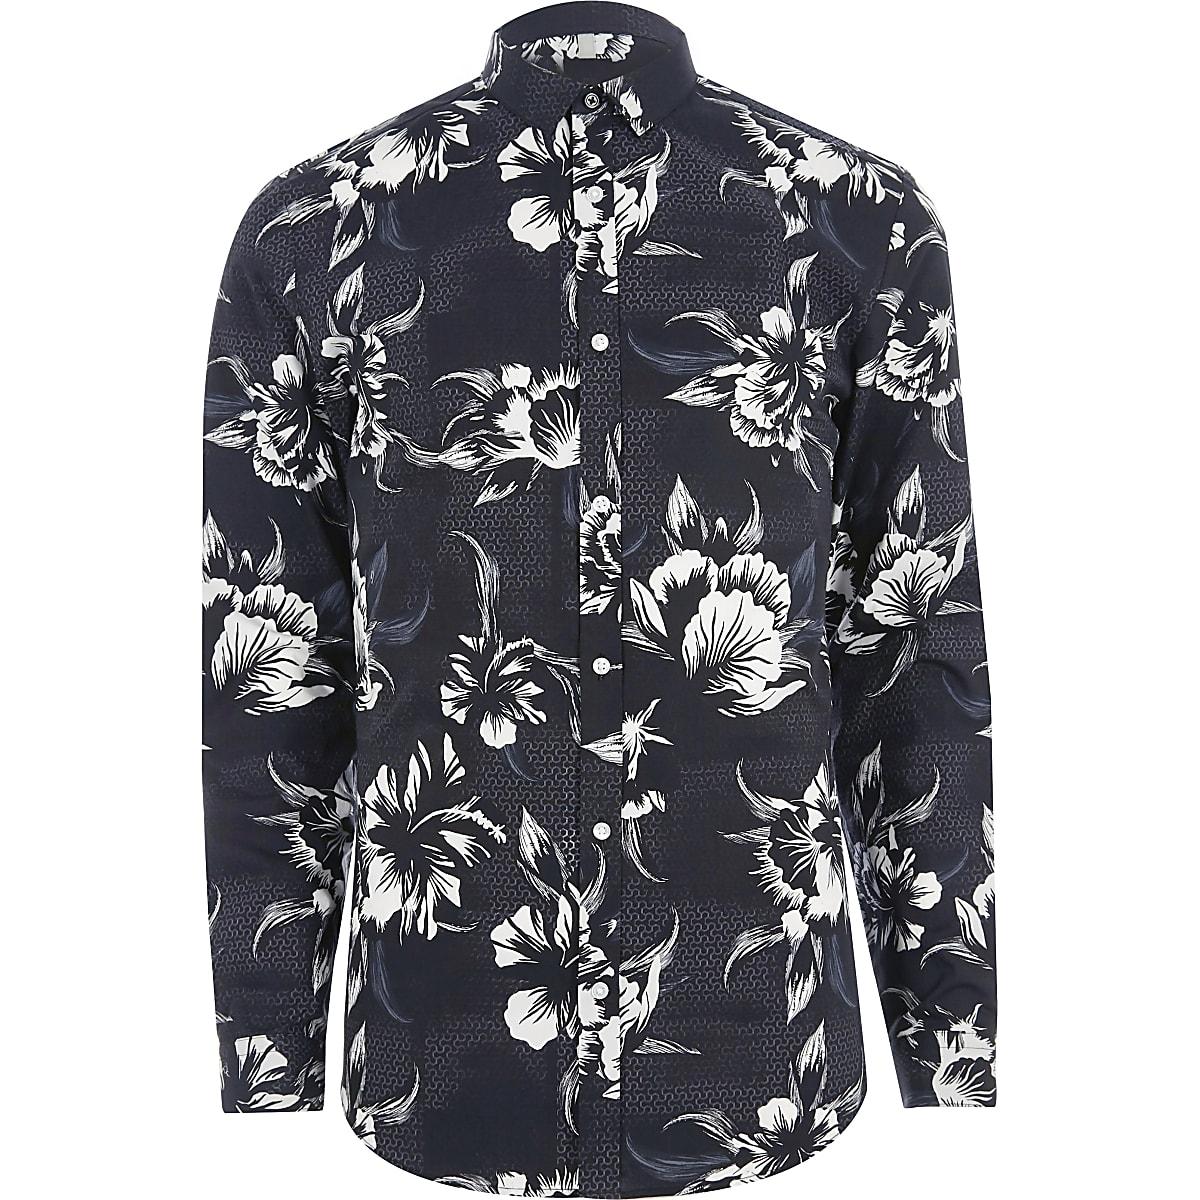 Overhemd Zwart Wit.Zwart Zwart Wit Slim Fit Overhemd Met Bloemenprint En Lange Mouwen